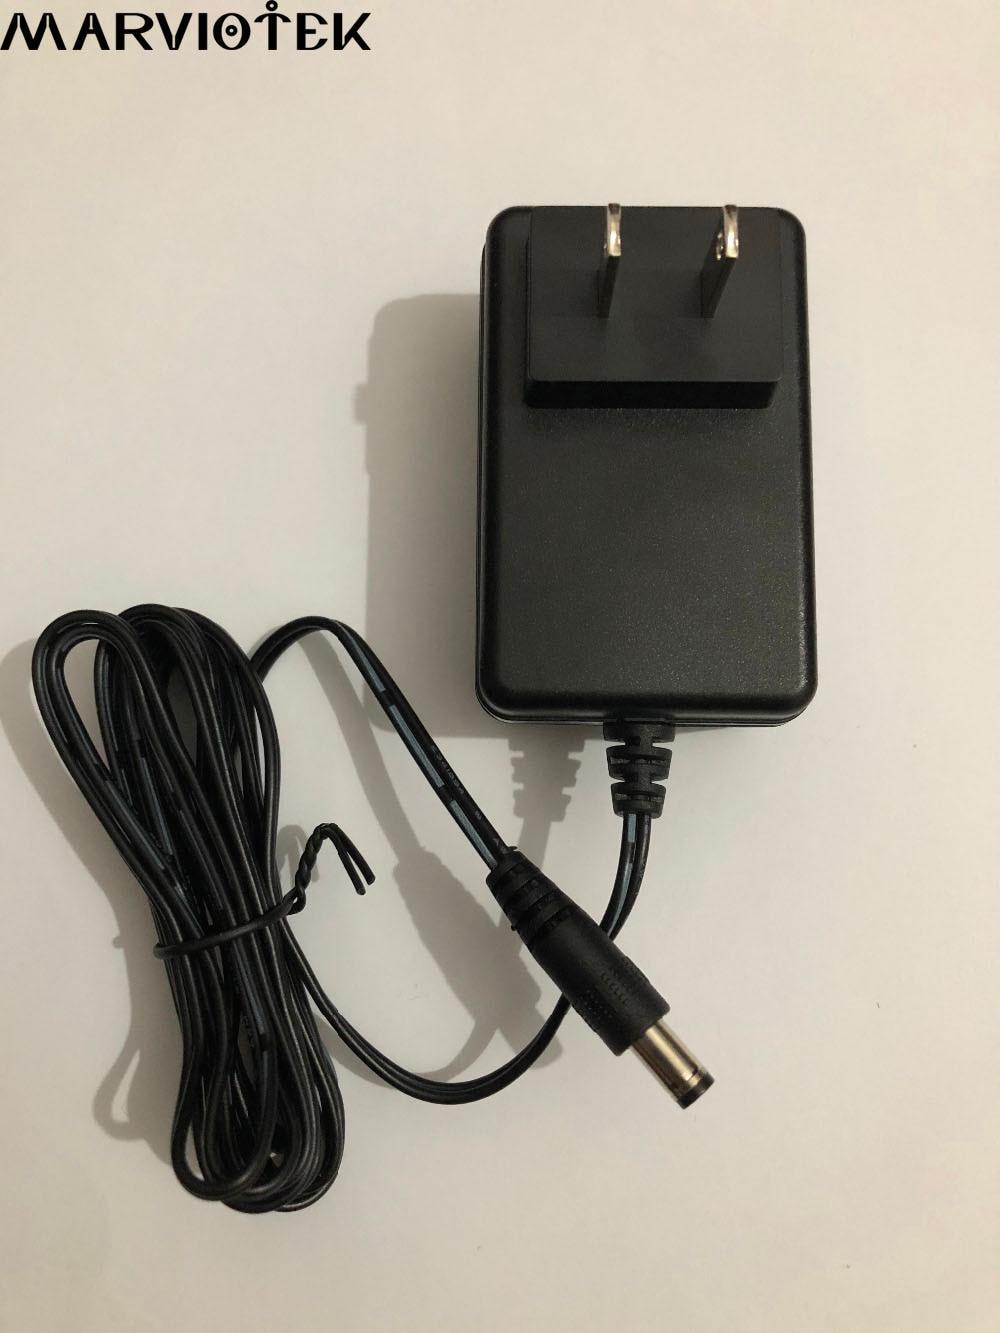 100-240V AC to DC Power Adapter Supply Charger 12V 1A US EU Plug 5.5mm x 2.5mm for CCTV Camera100-240V AC to DC Power Adapter Supply Charger 12V 1A US EU Plug 5.5mm x 2.5mm for CCTV Camera